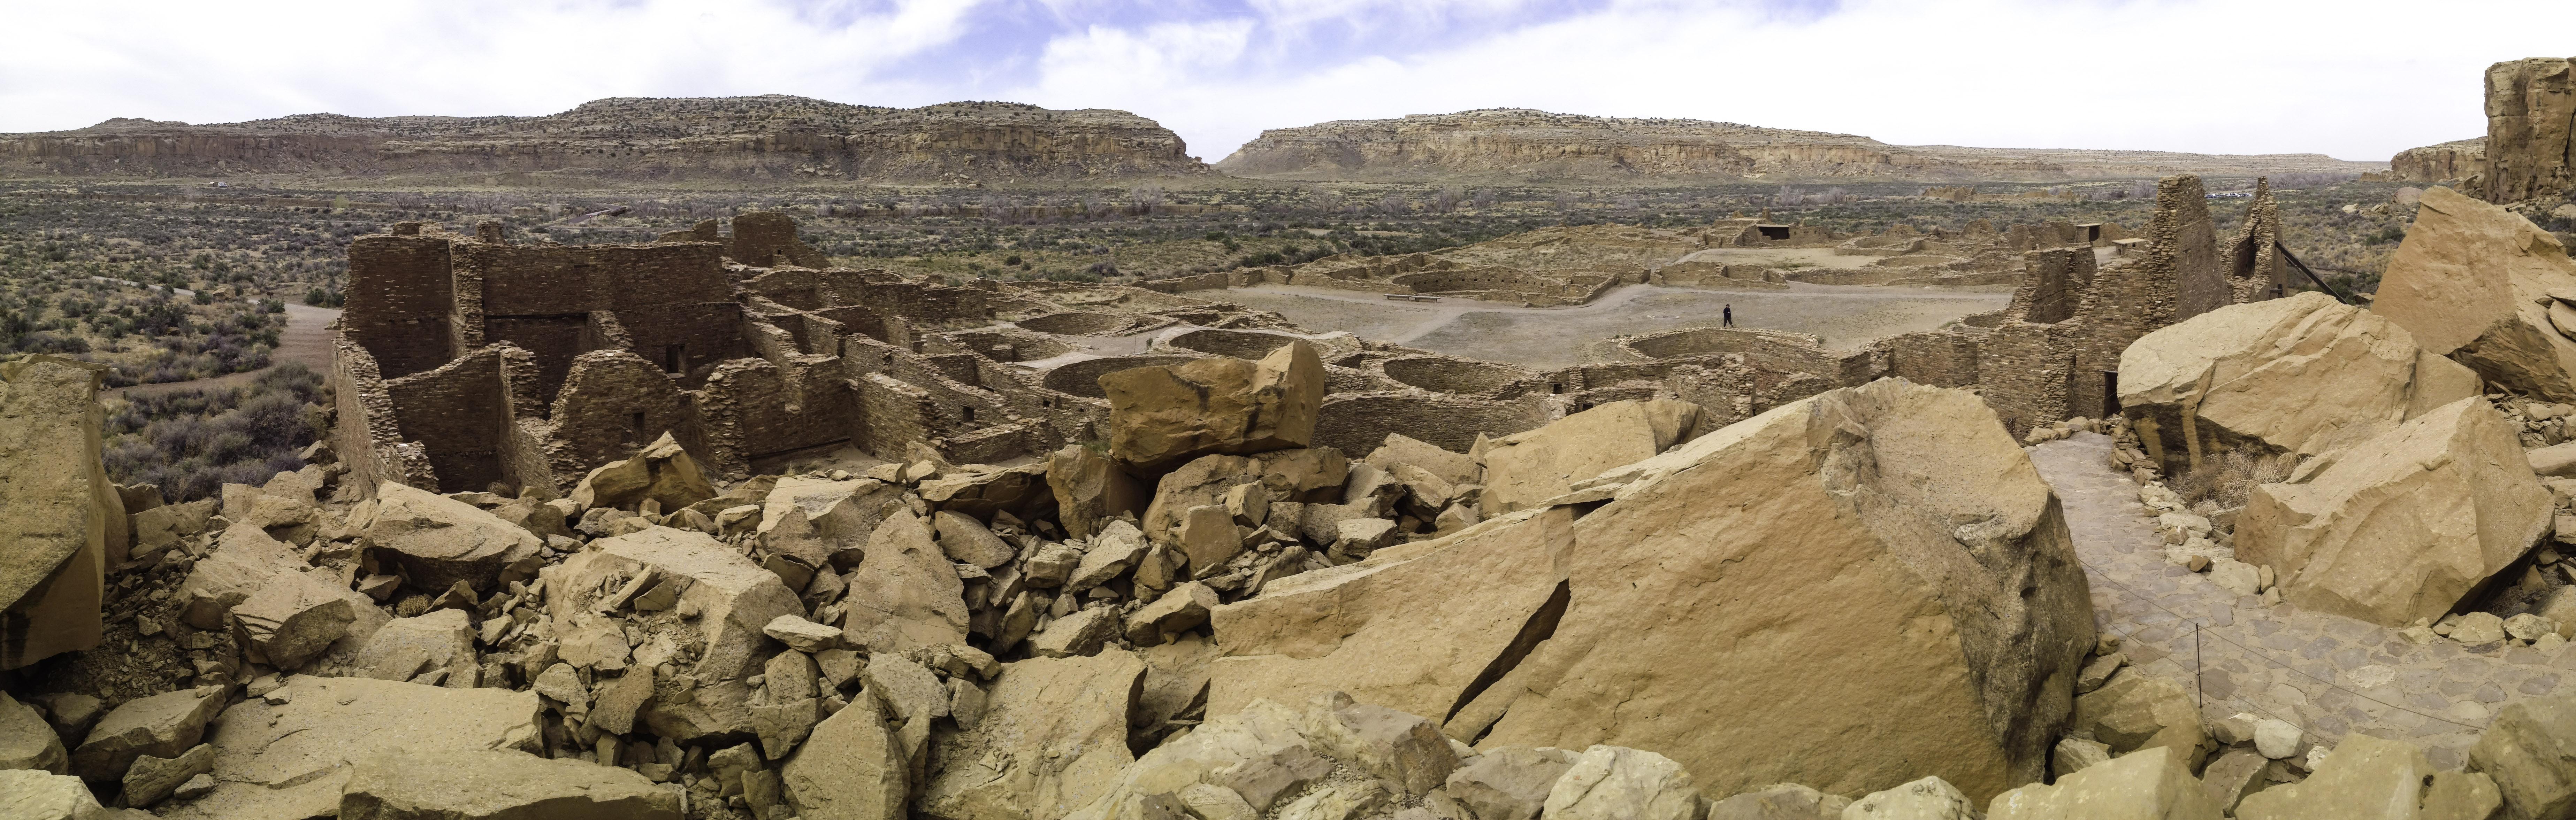 Chaco Canyon Pano